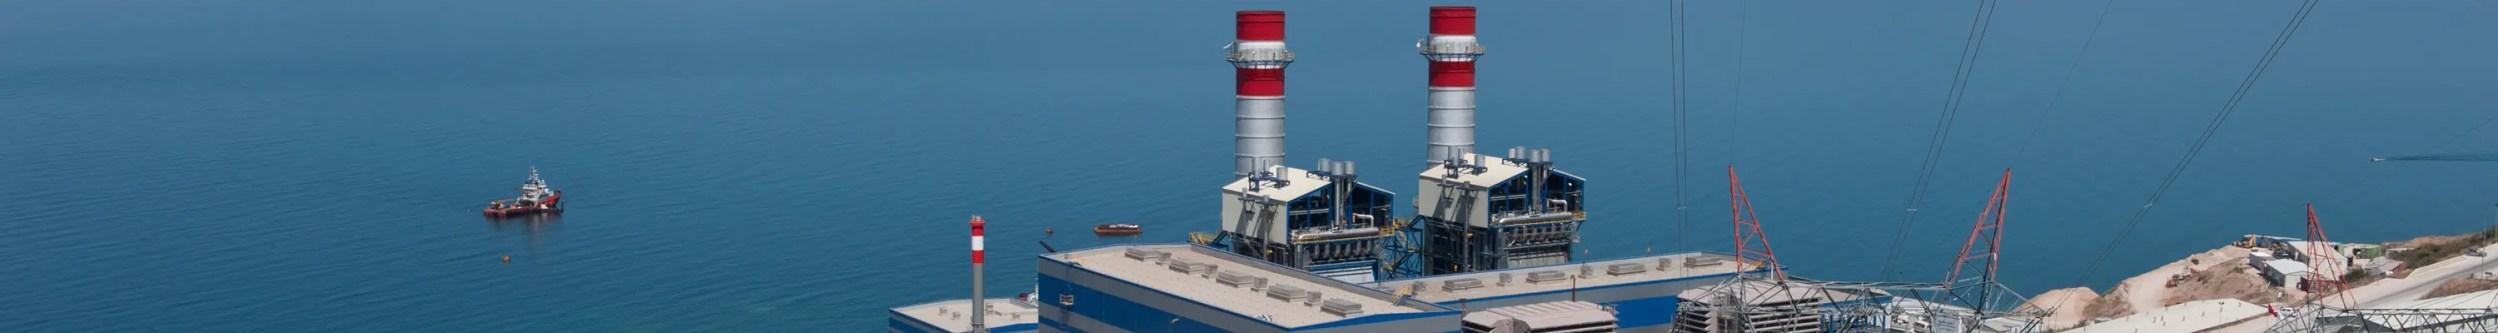 Errichtung fossiler Kraftwerksanlagen